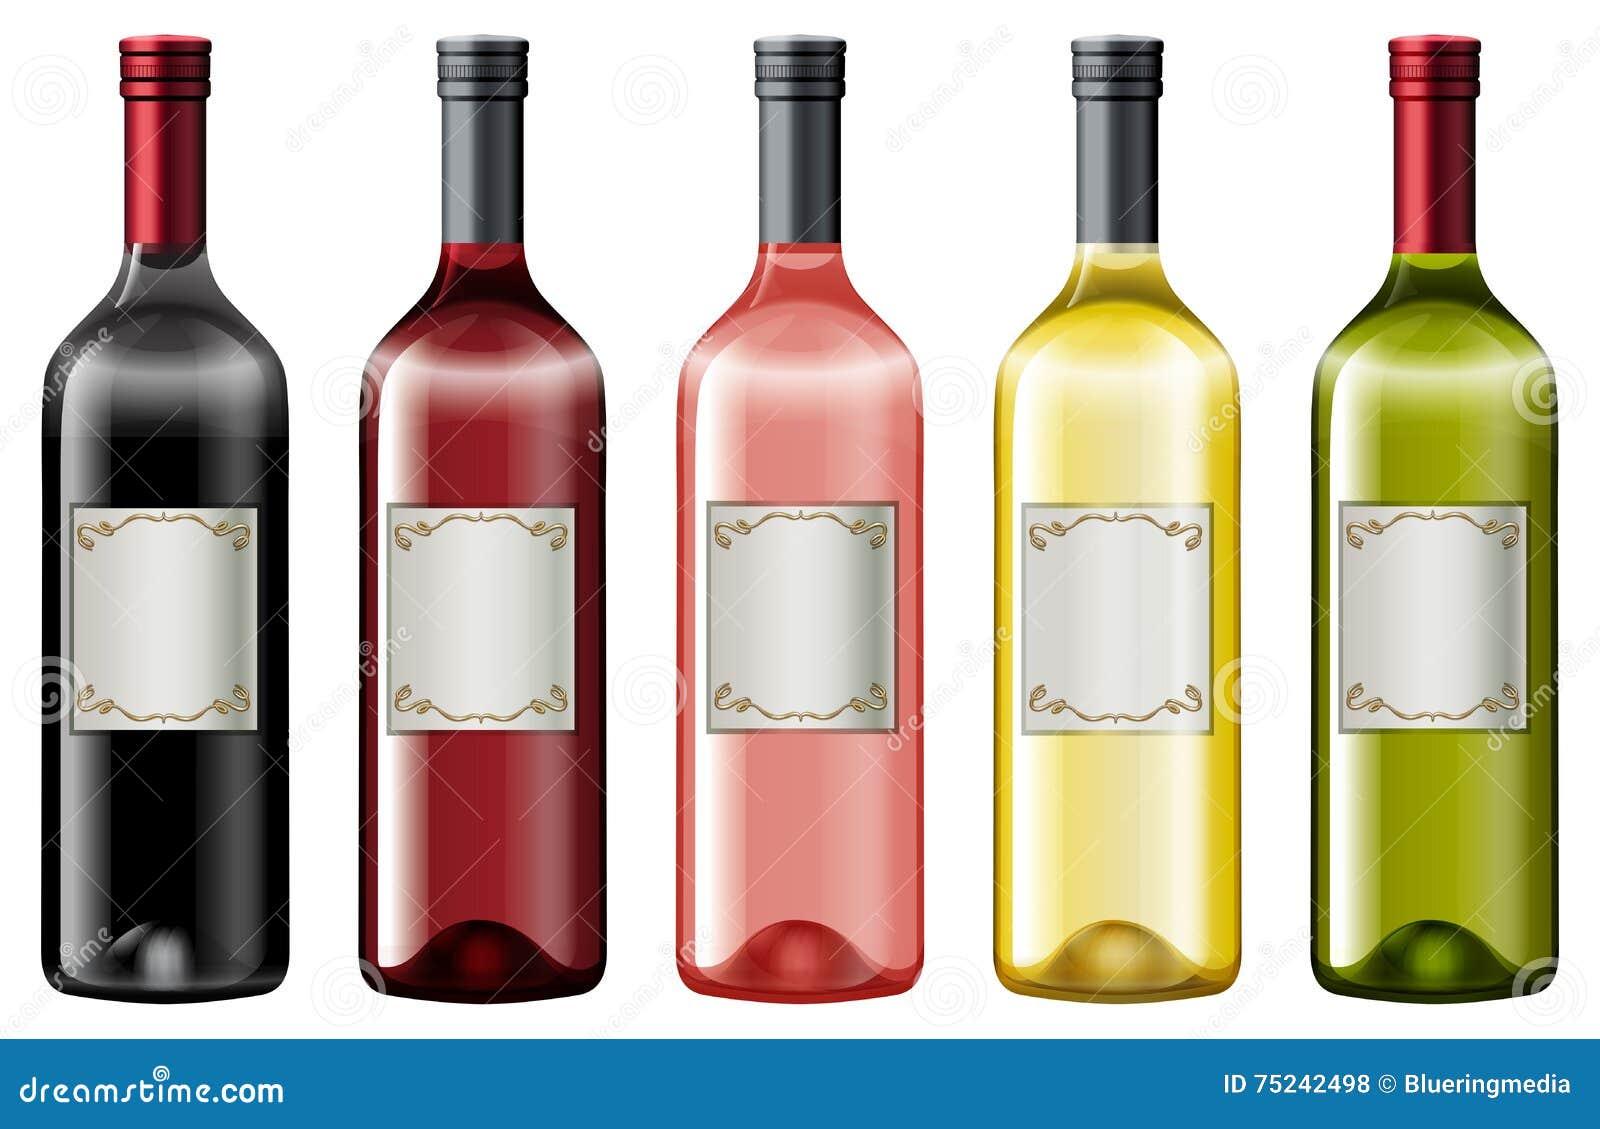 diff rentes couleurs des bouteilles de vin illustration de vecteur image 75242498. Black Bedroom Furniture Sets. Home Design Ideas